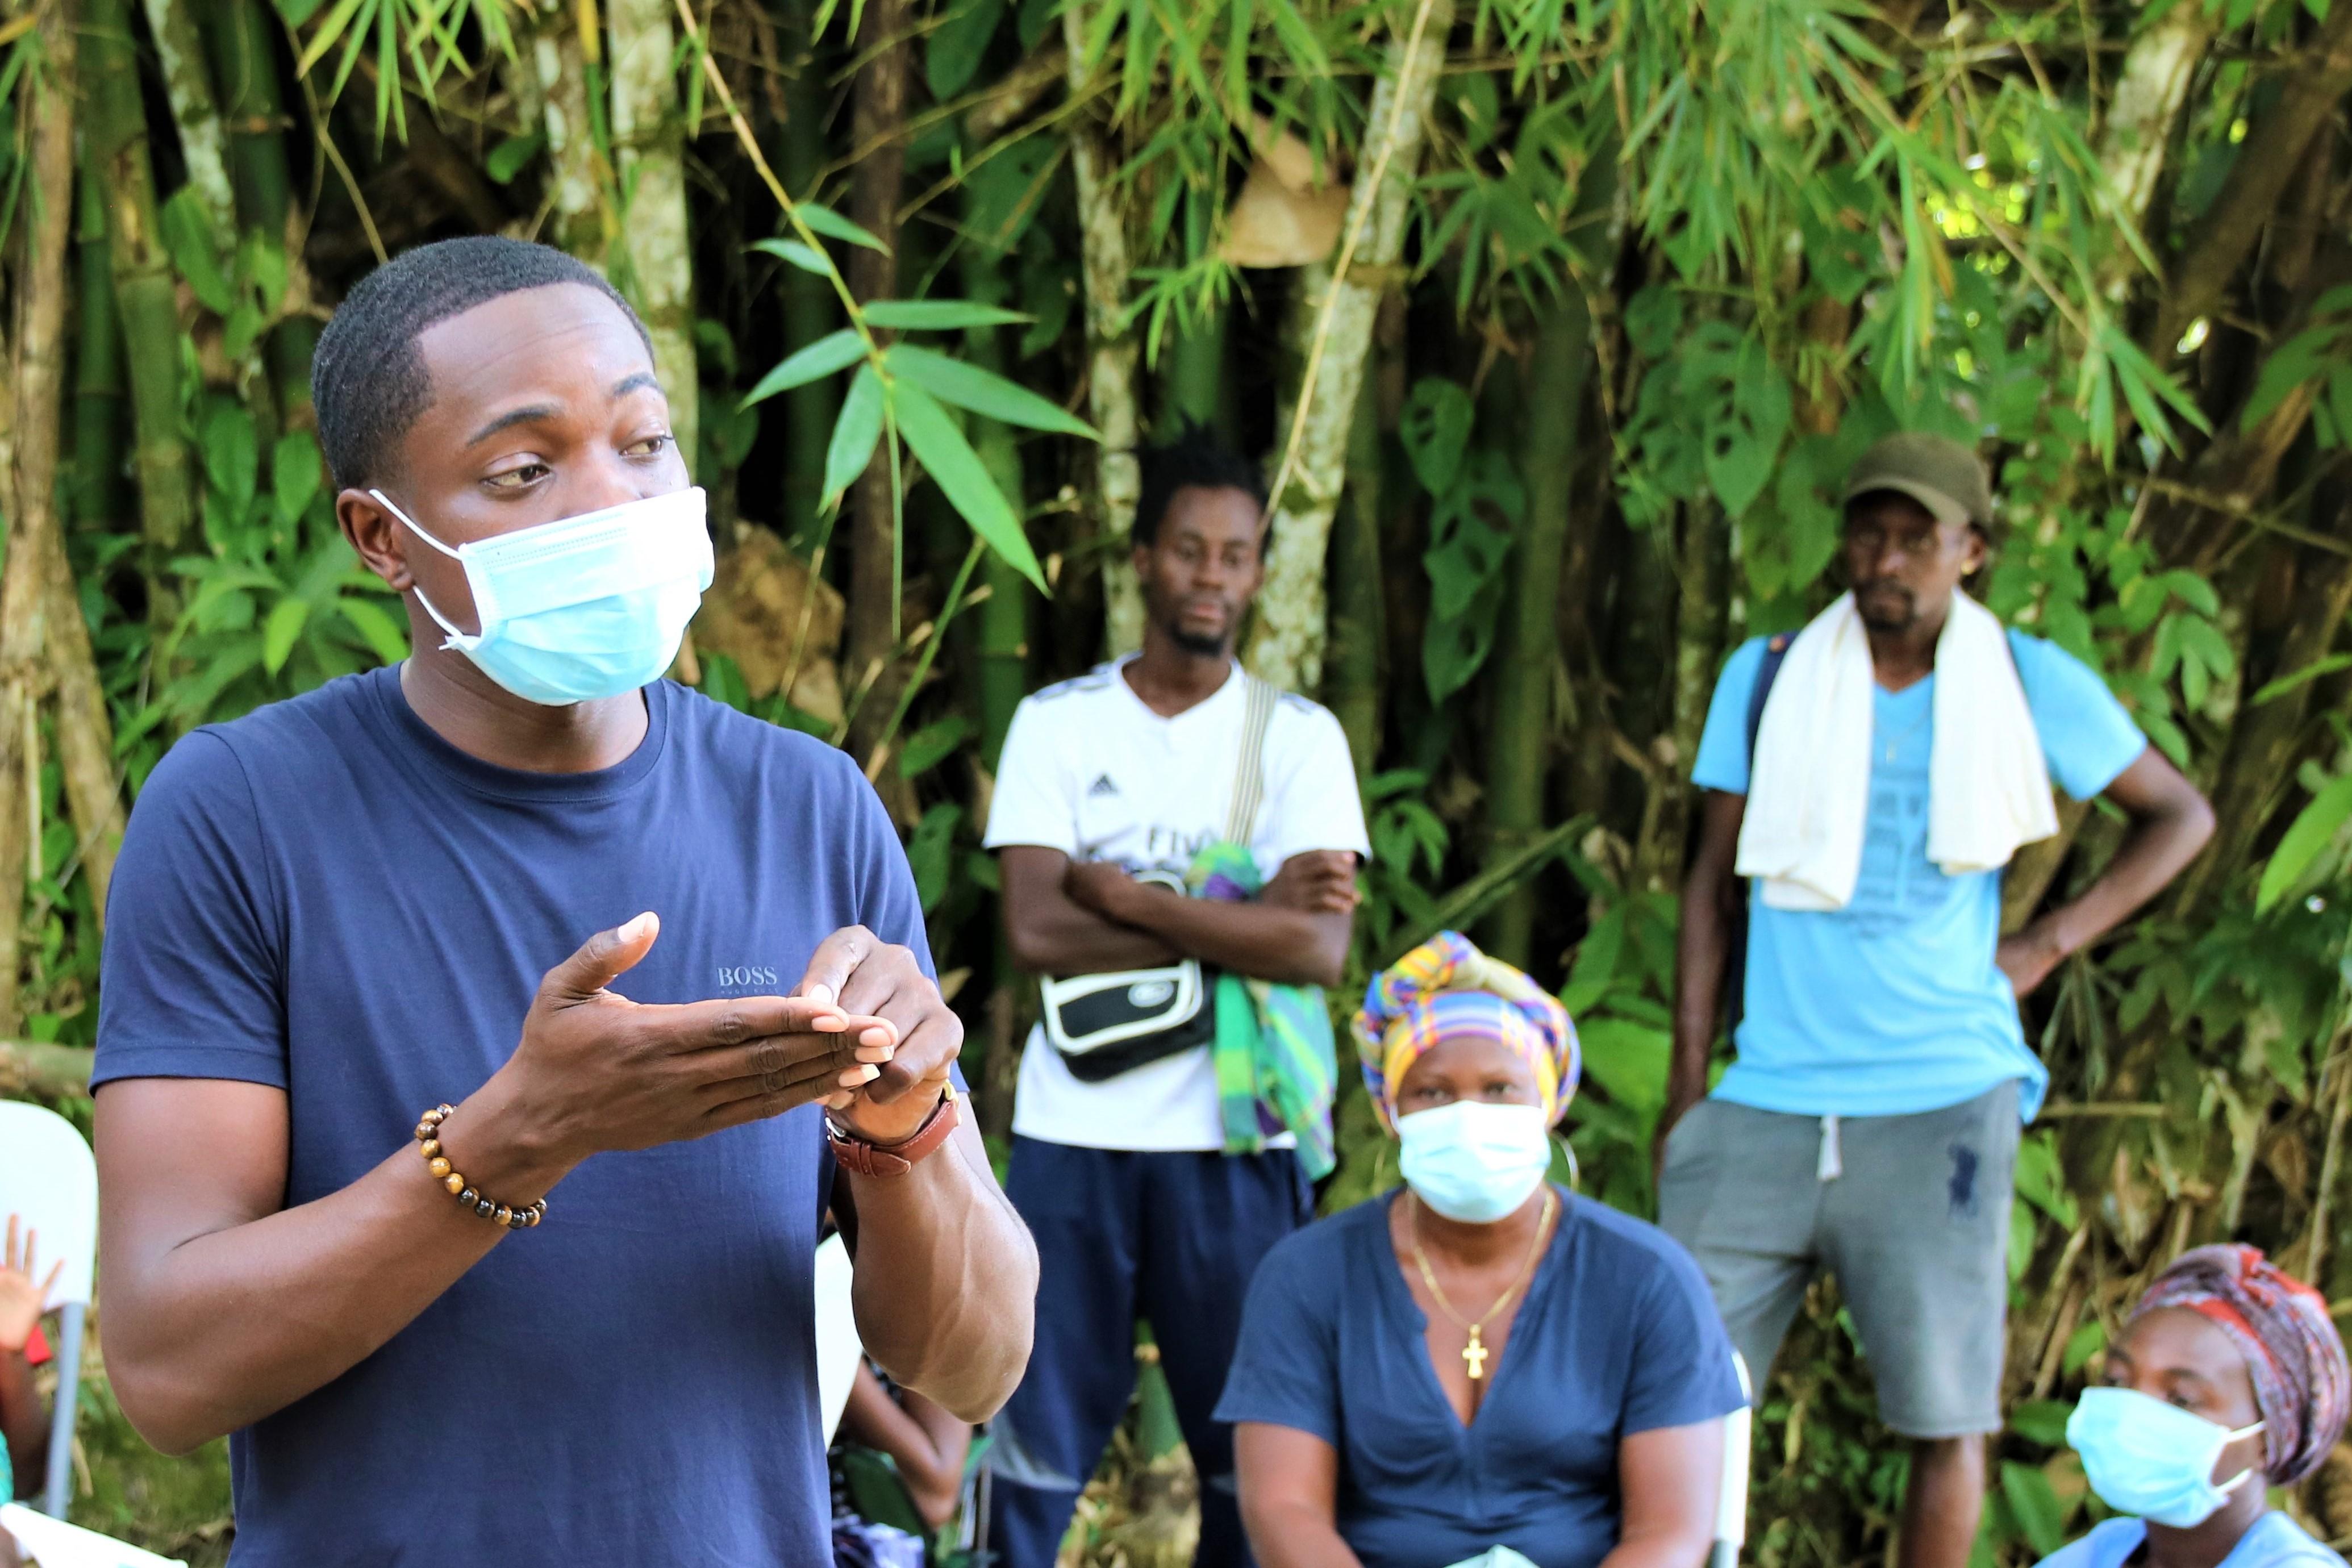 #Électricité : la commune de #saintlaurentdumaroni se mobilise pour étendre l'accès à l'électricité sur son territoire